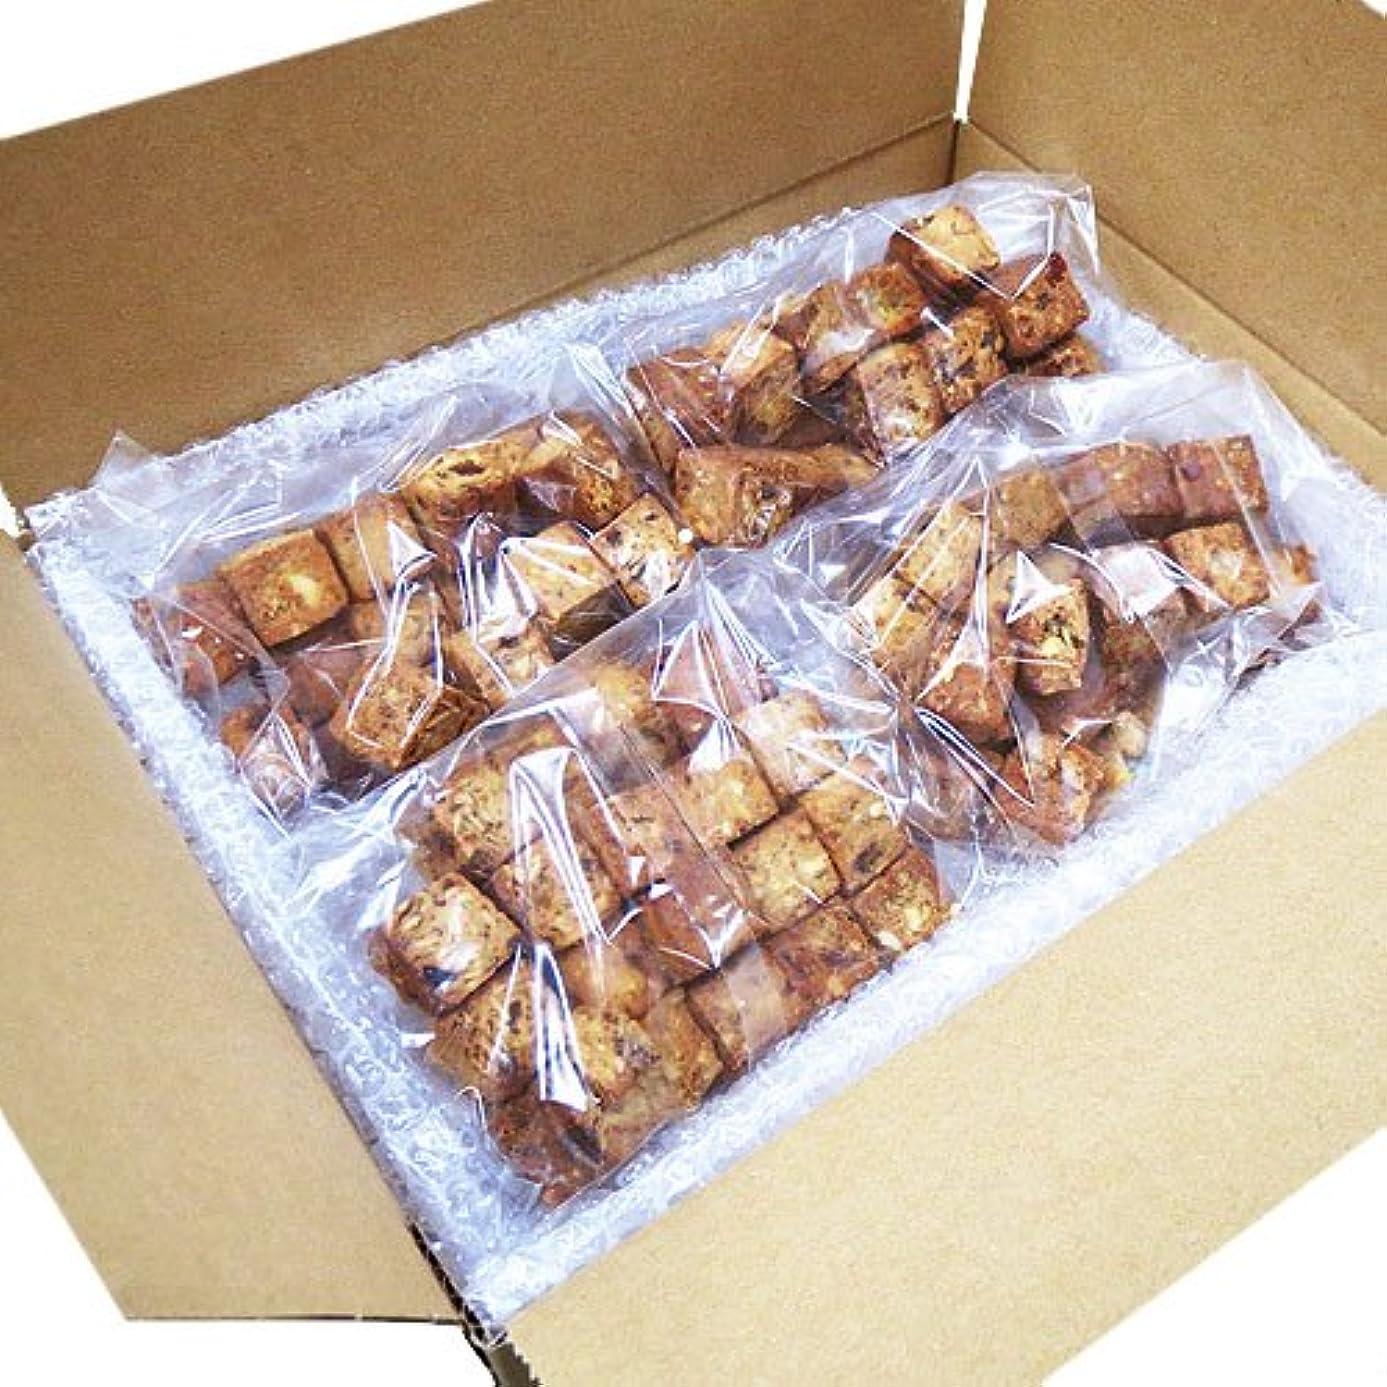 まっすぐ塊ファーム蒲屋忠兵衛商店  大麦と果実のソイキューブ  800g(200g×4袋)